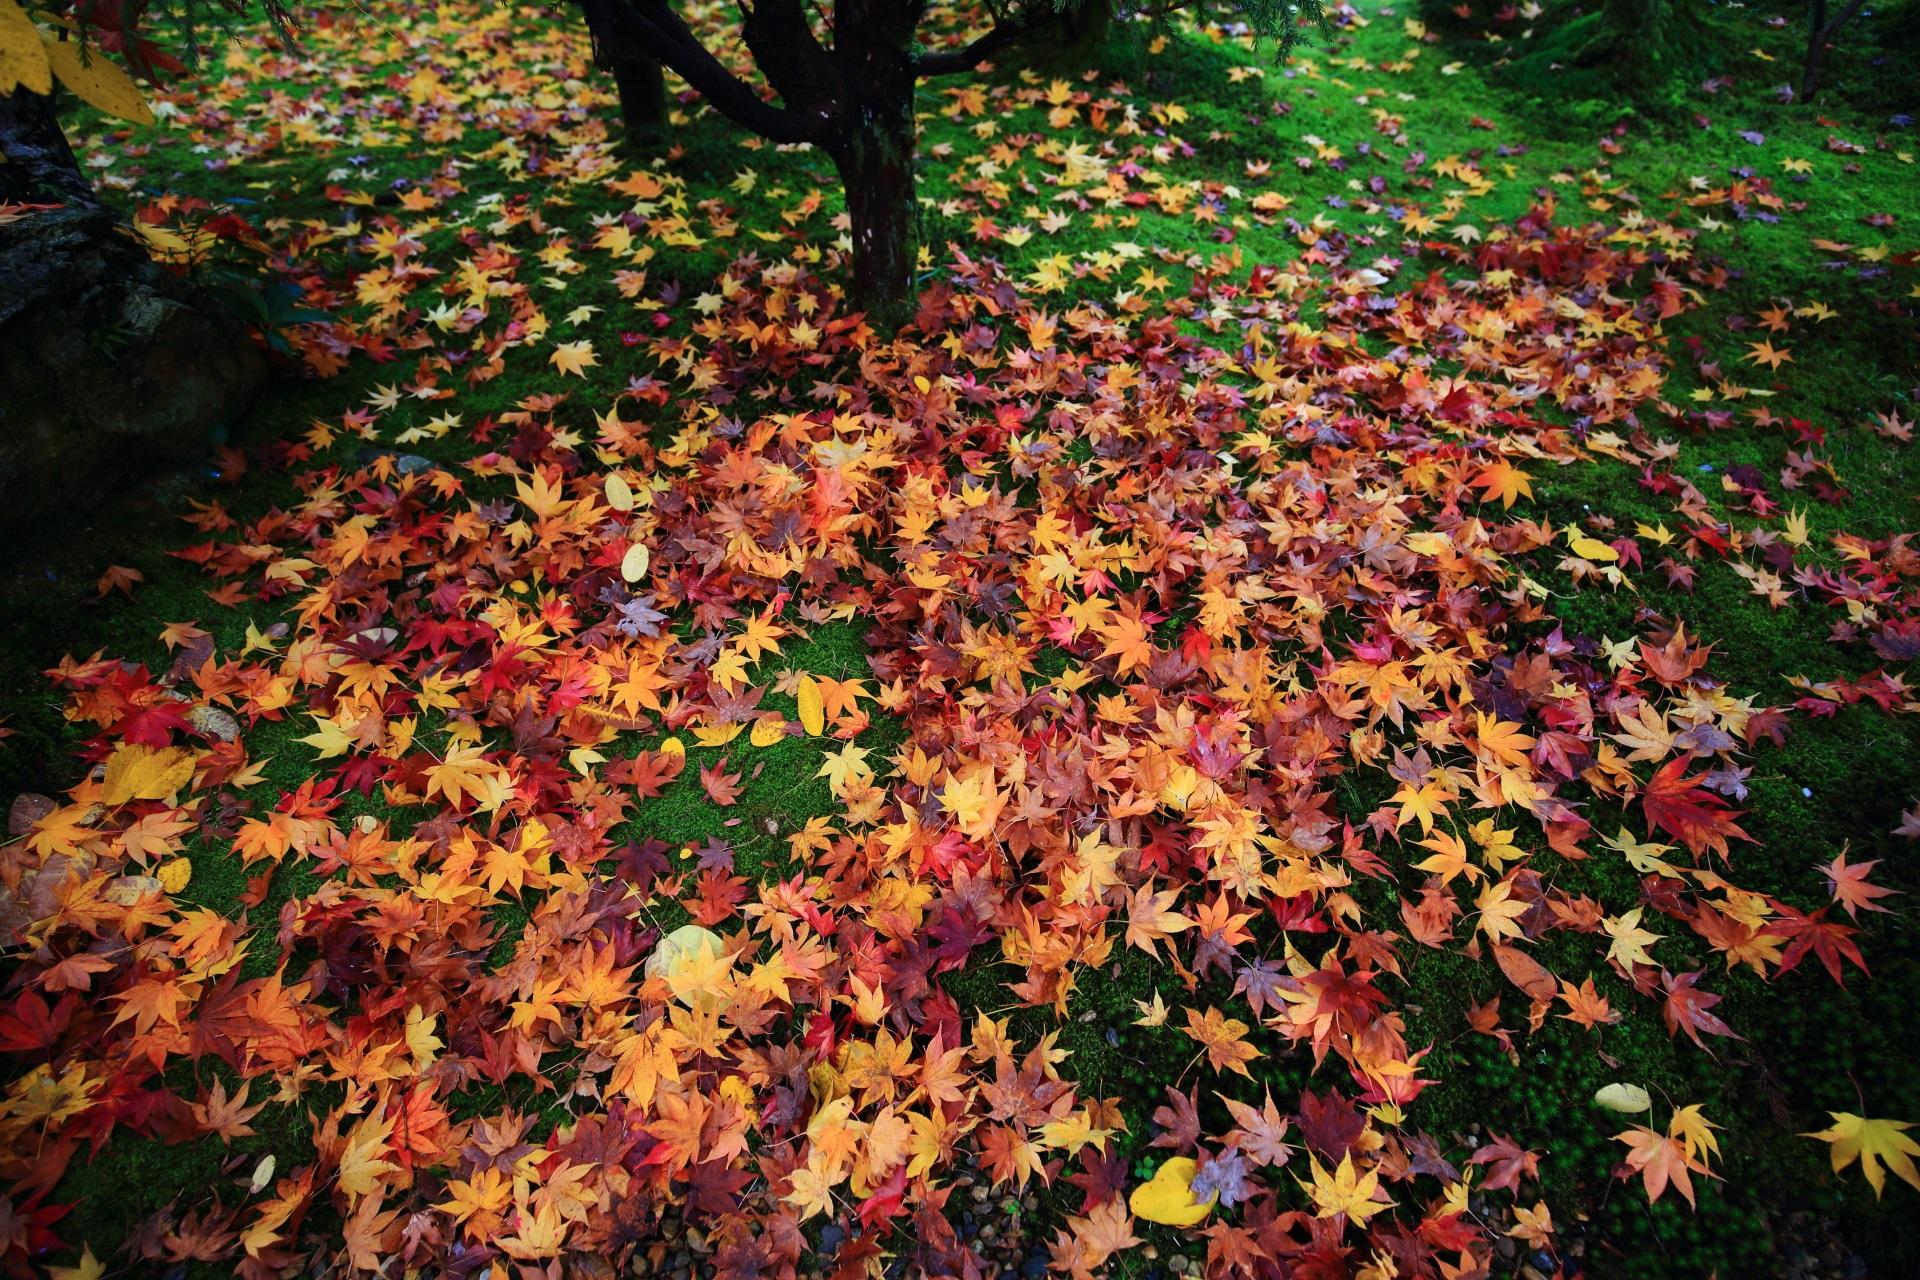 緑の苔の上の見事な色とりどりの散りもみじ